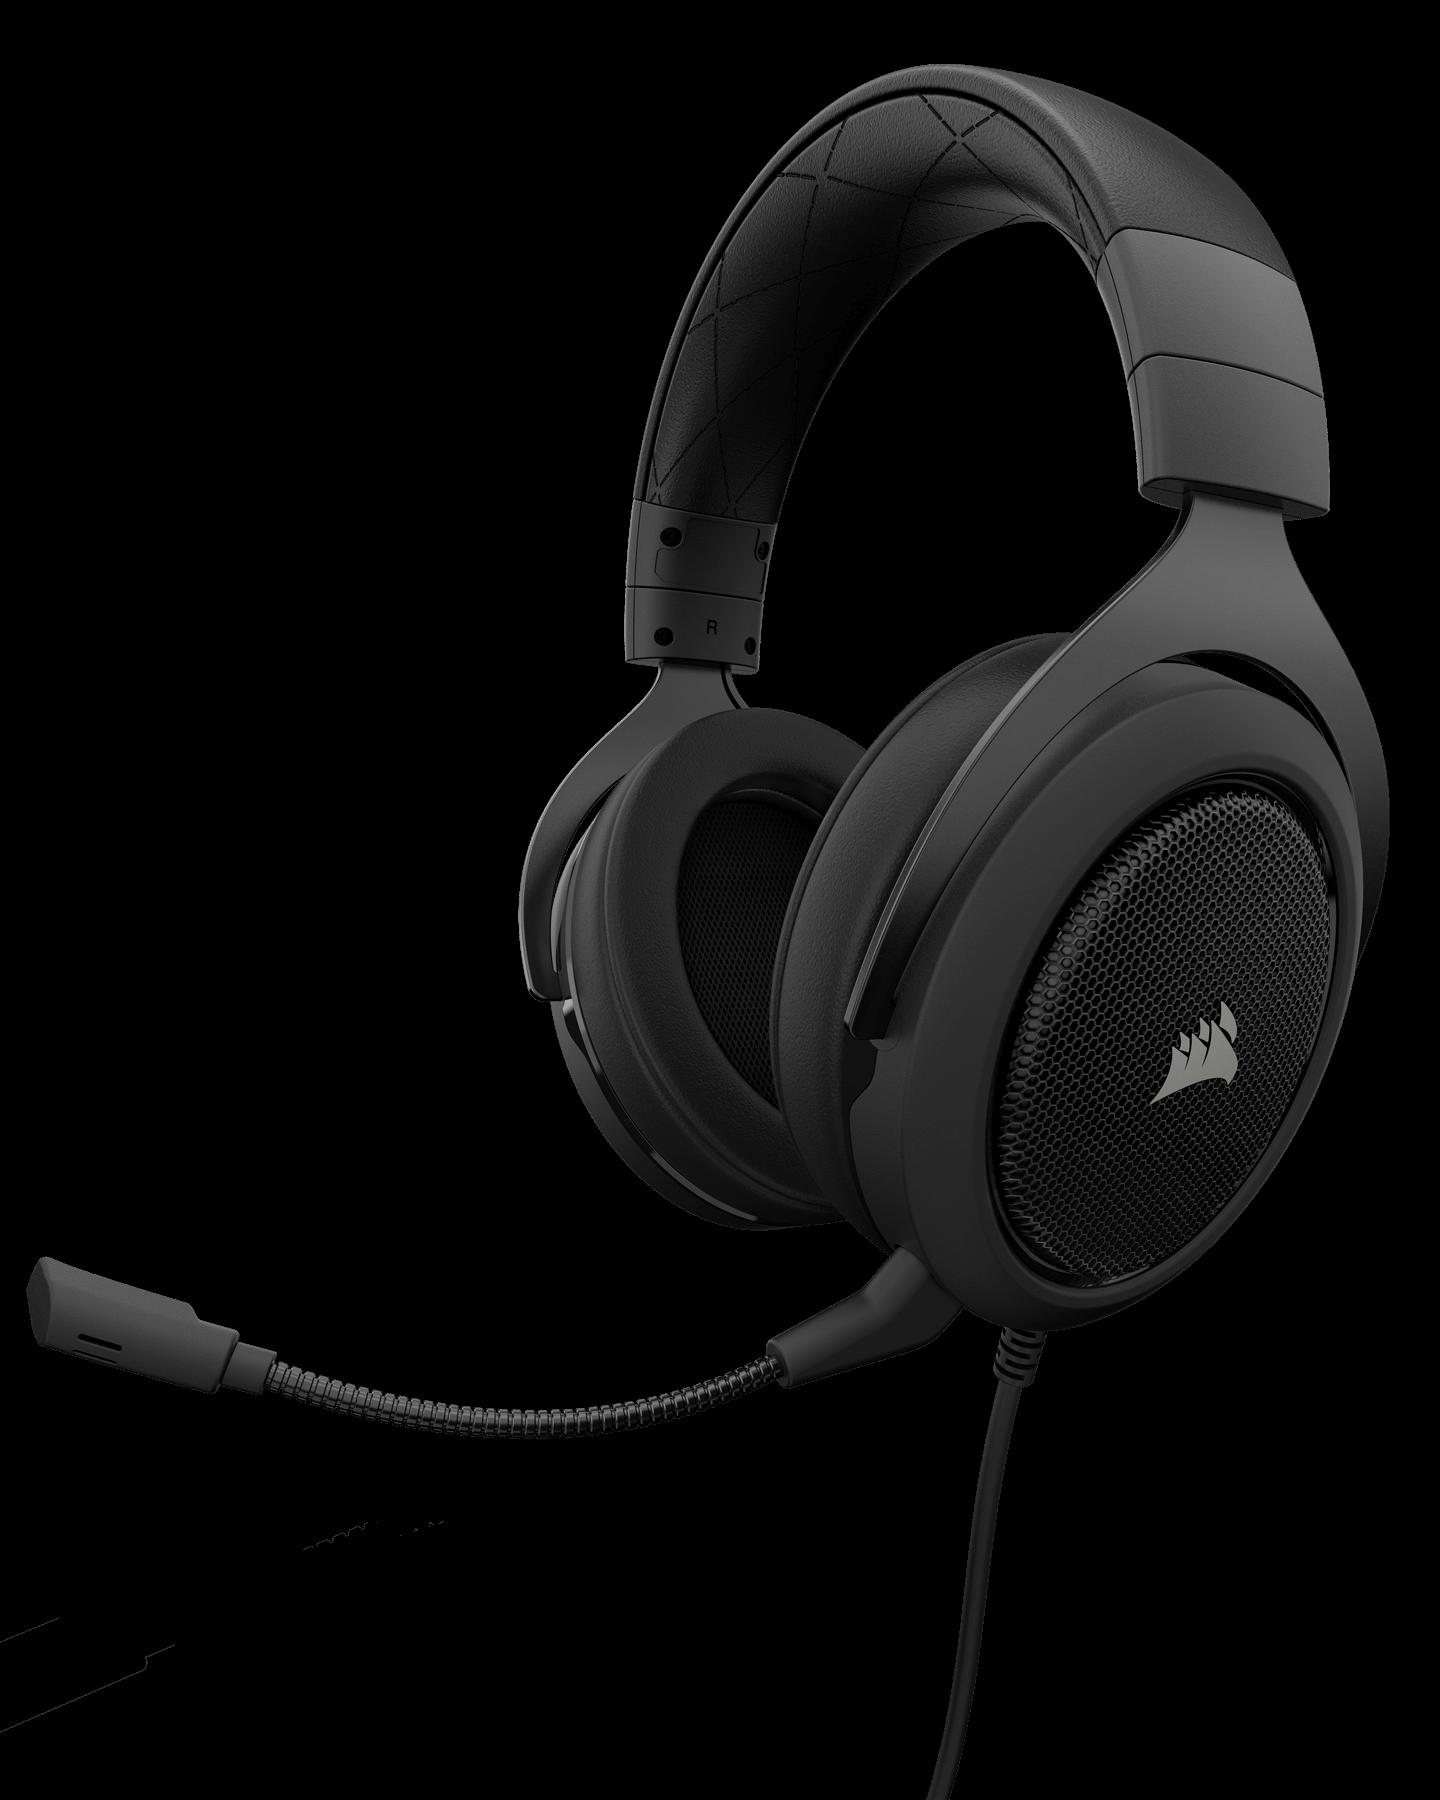 Corsair Hs50 Test Prix Et Fiche Technique Casque Audio Les